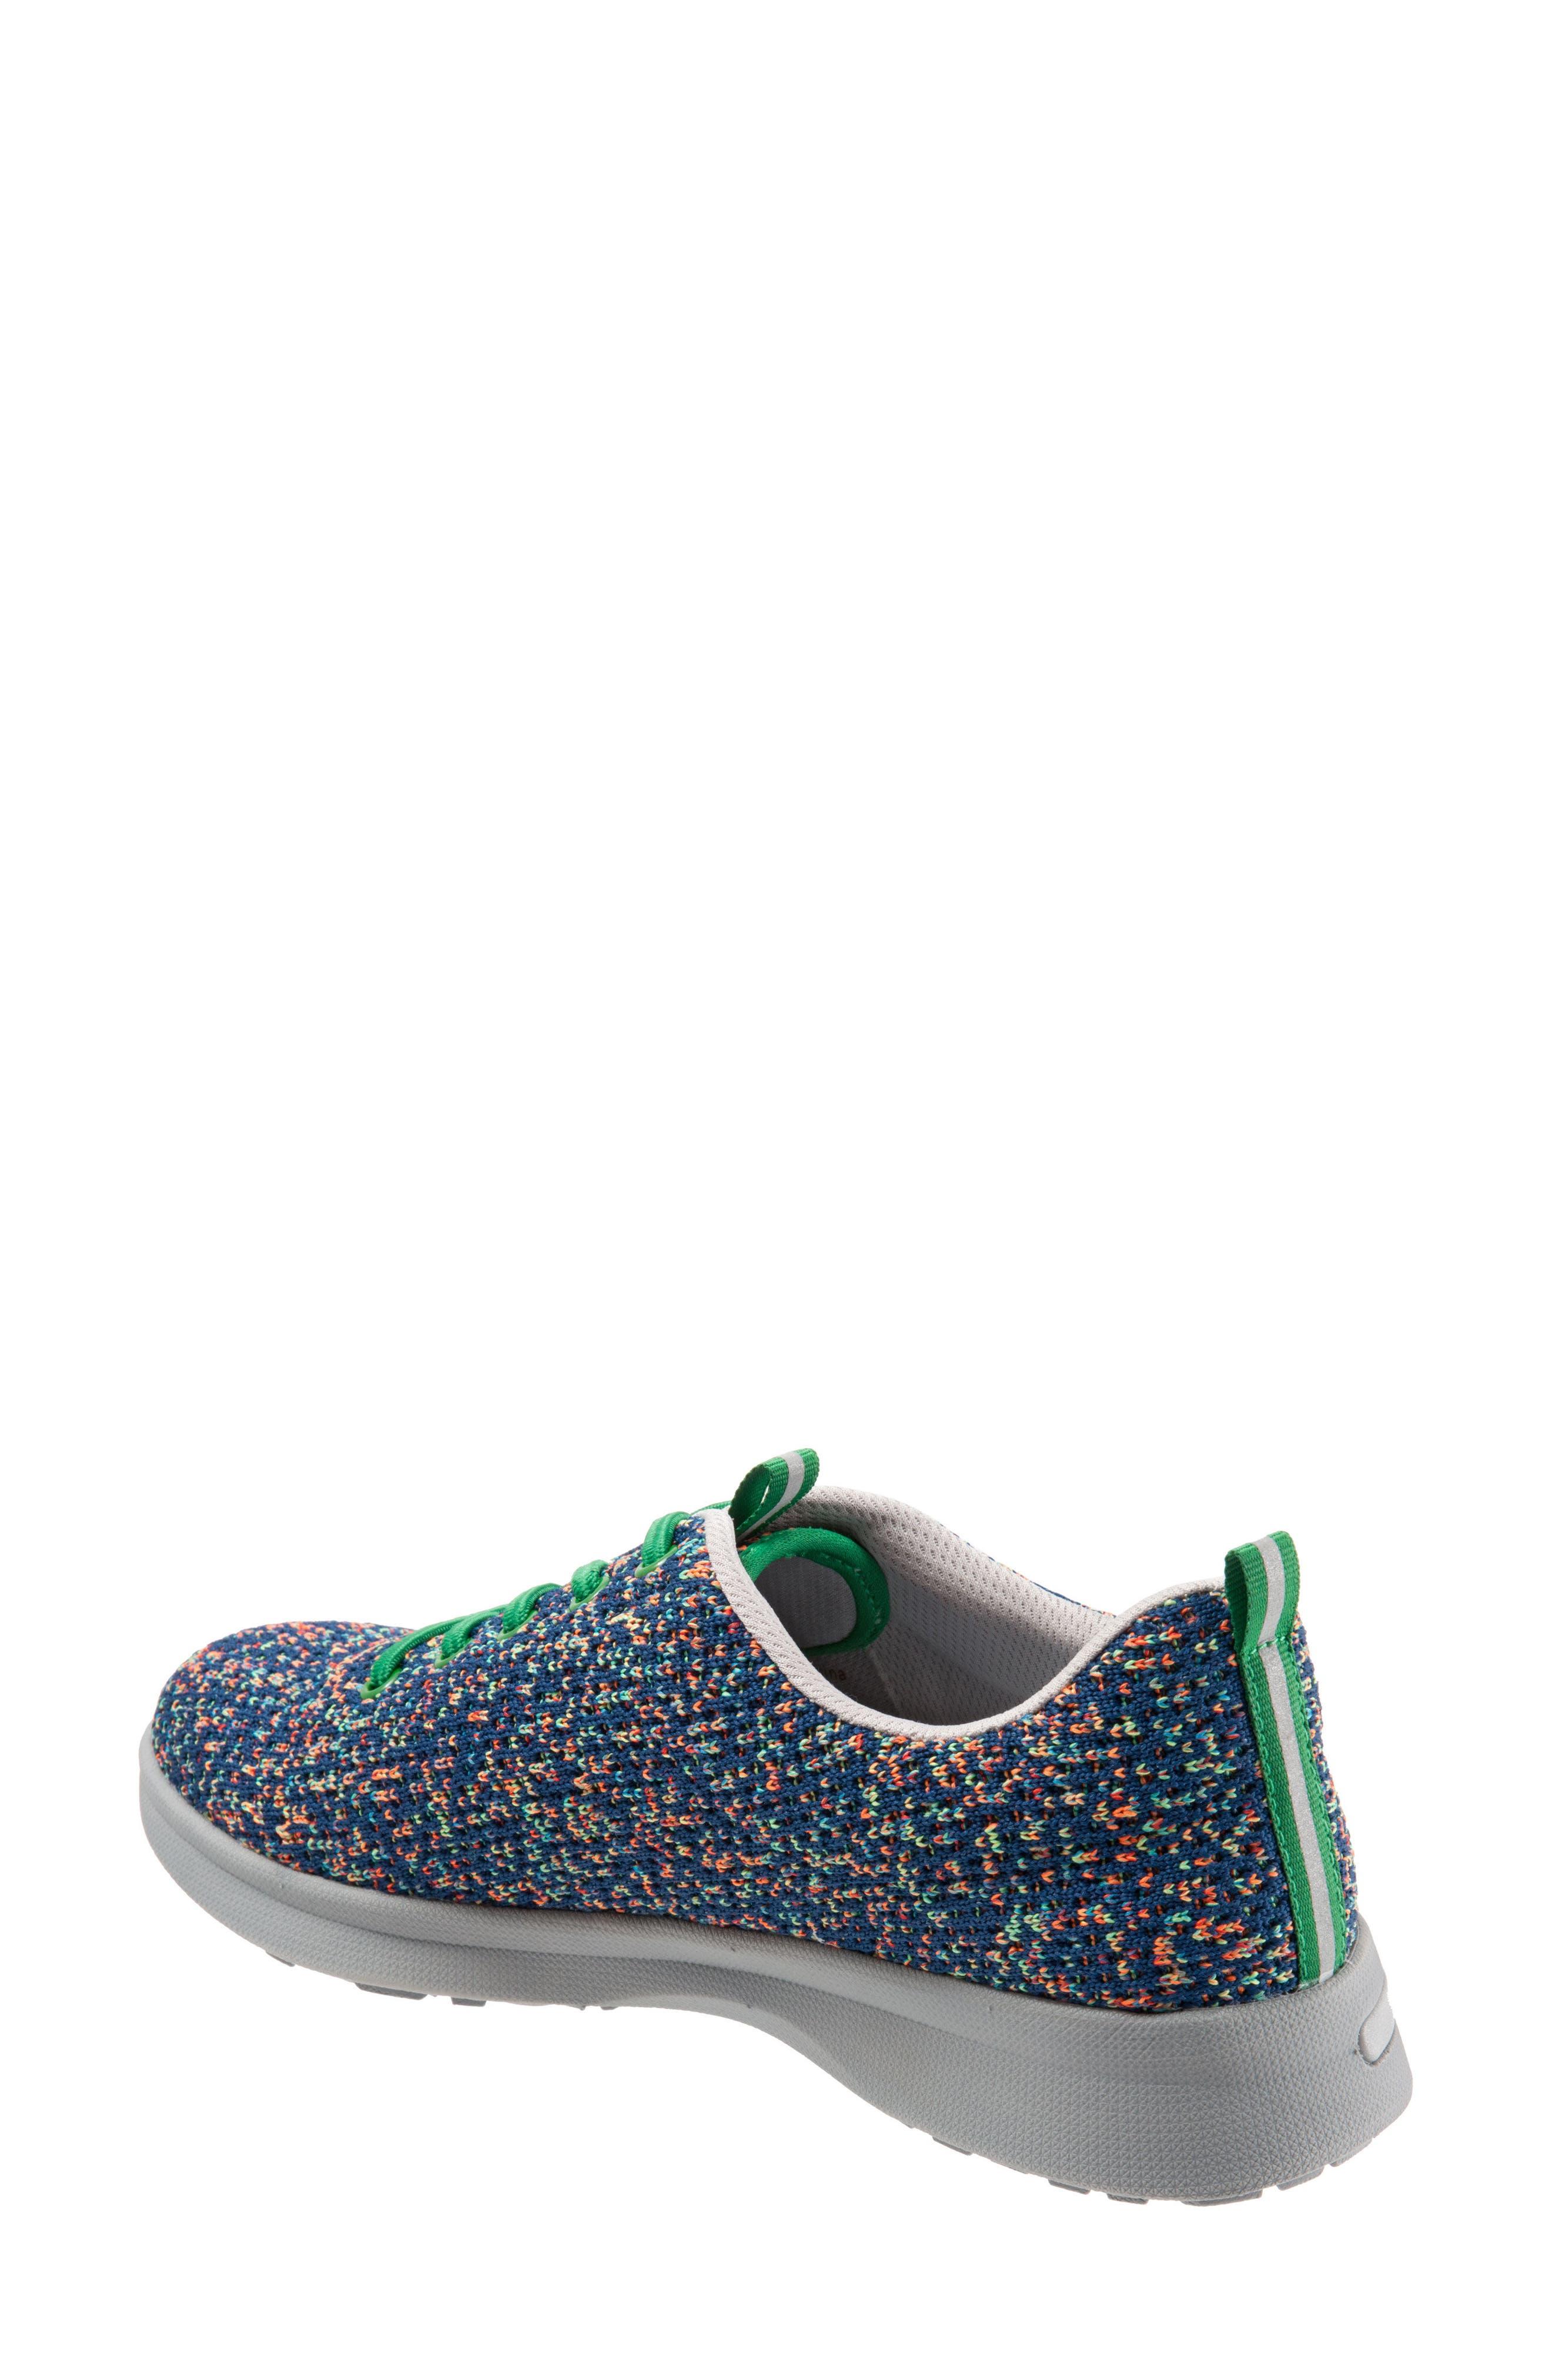 Sampson Sneaker,                             Alternate thumbnail 2, color,                             410